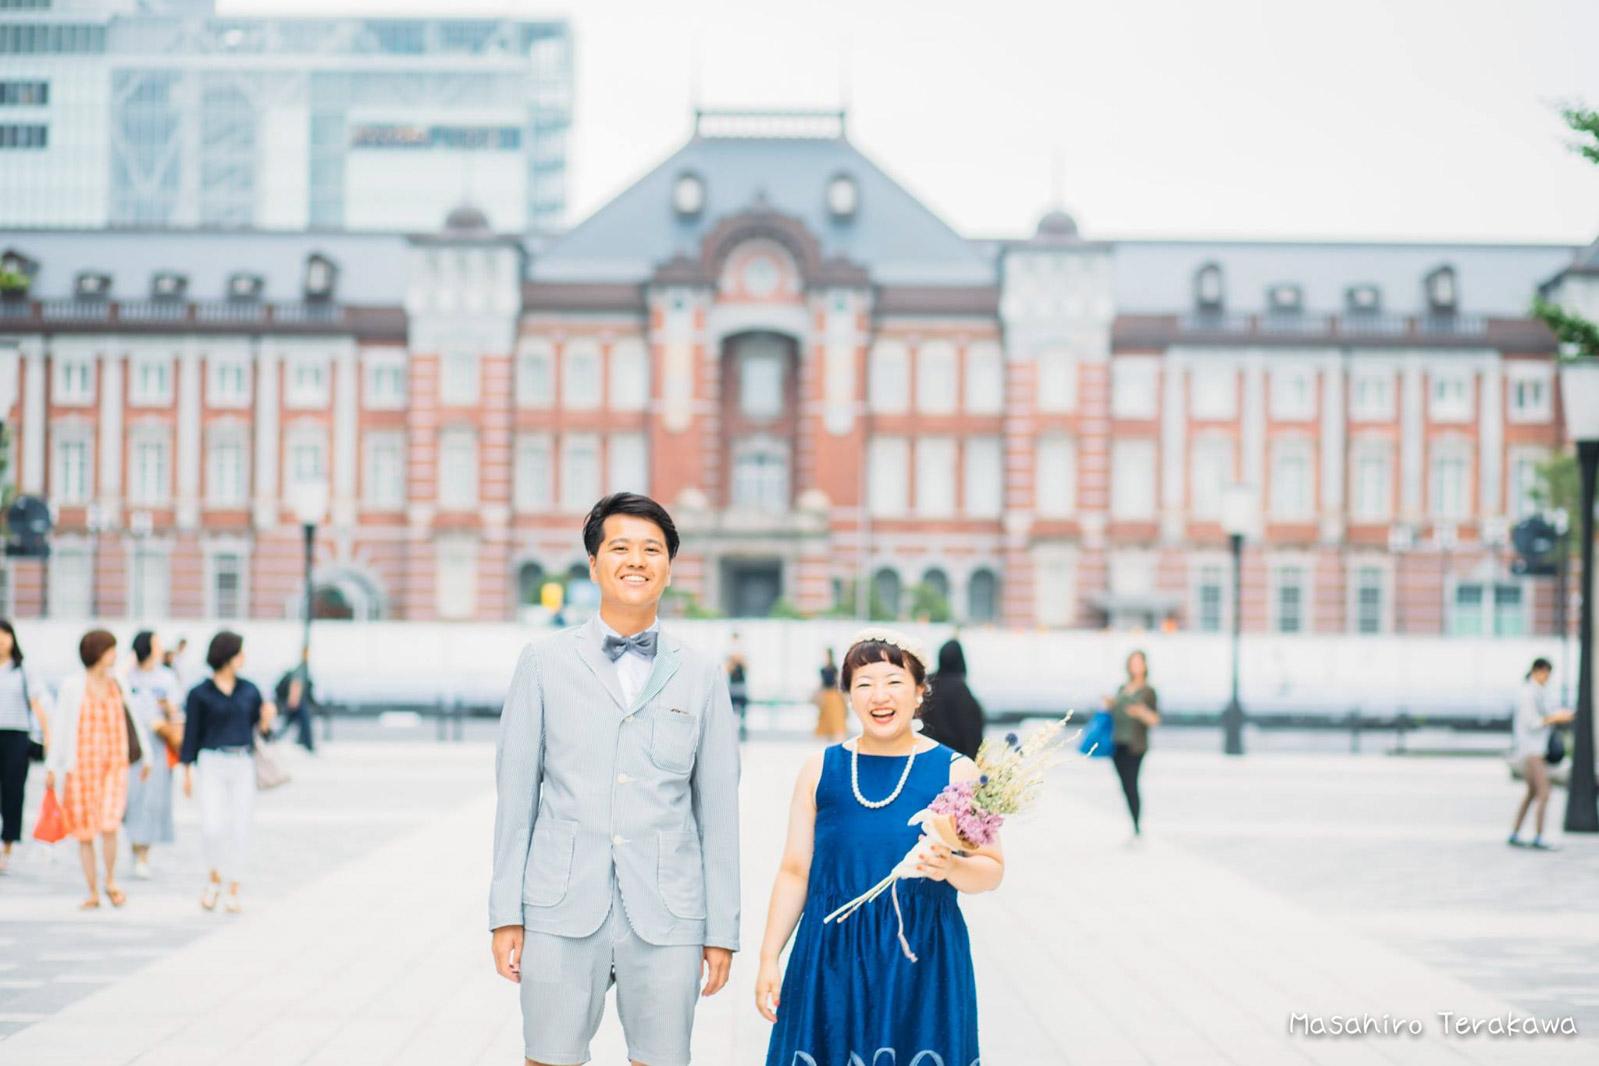 東京駅で丸ノ内中央口で結婚写真の撮影4